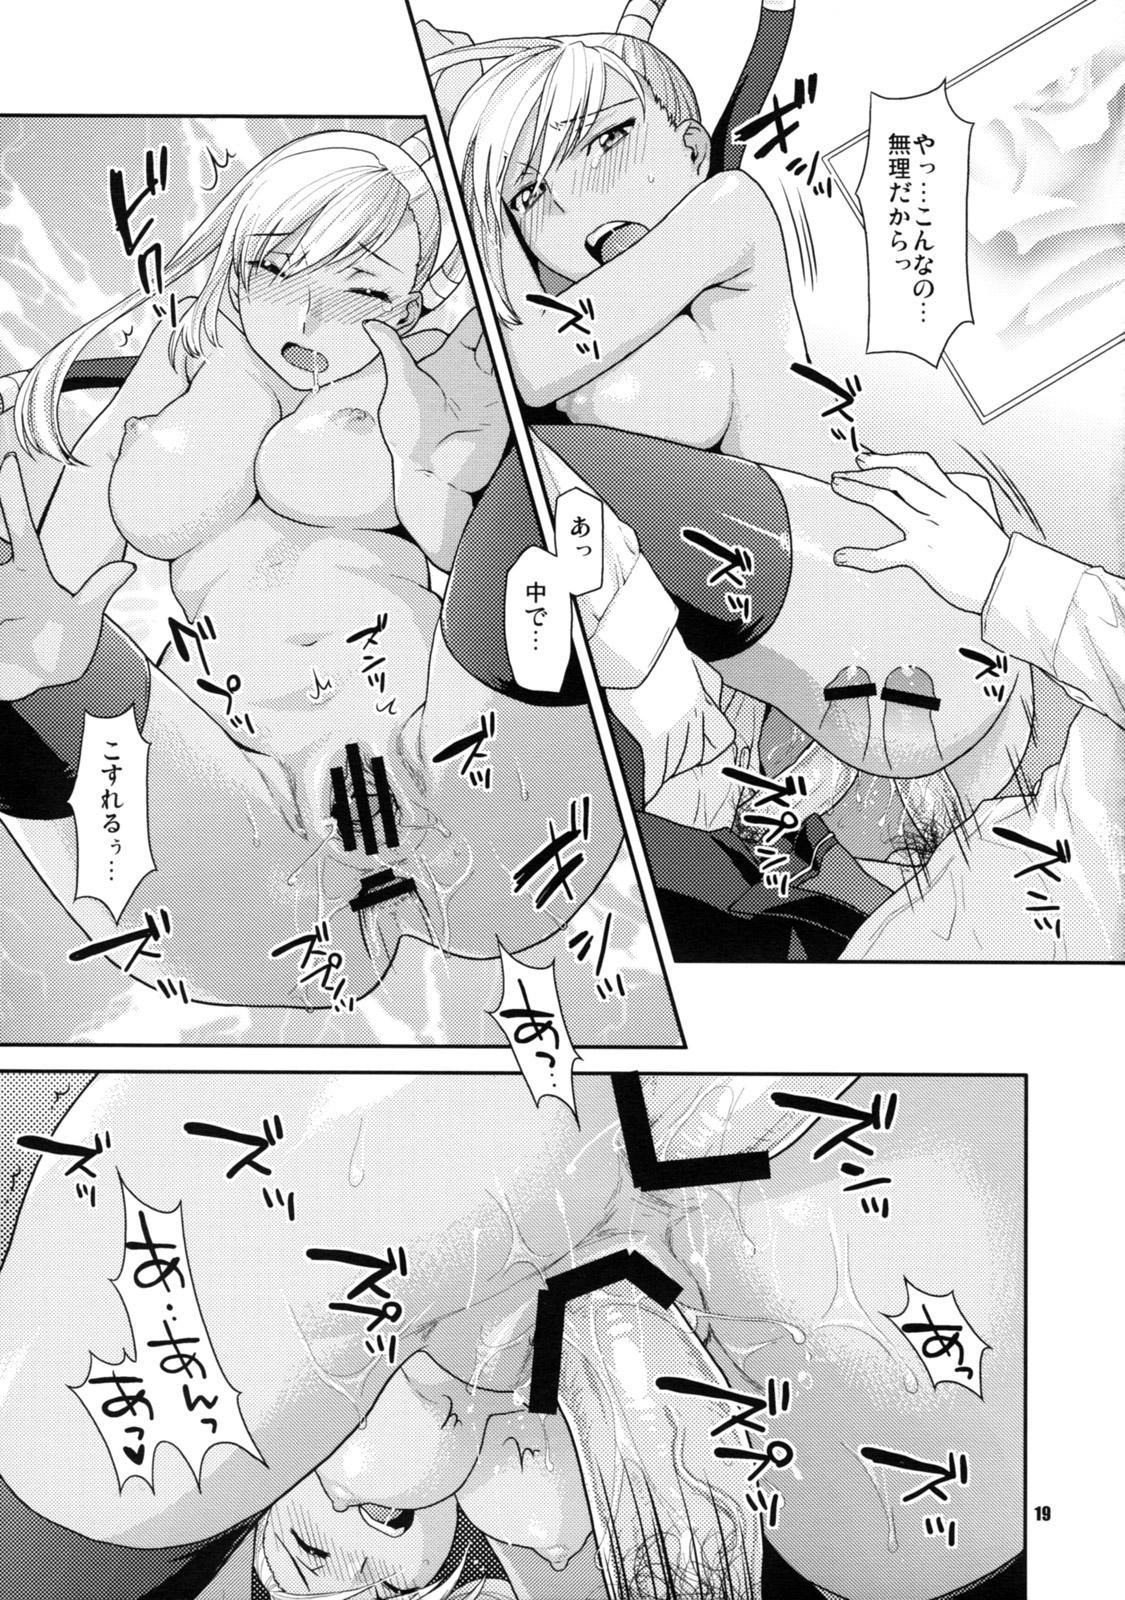 Kamen no Shita no Mitsu jou 18